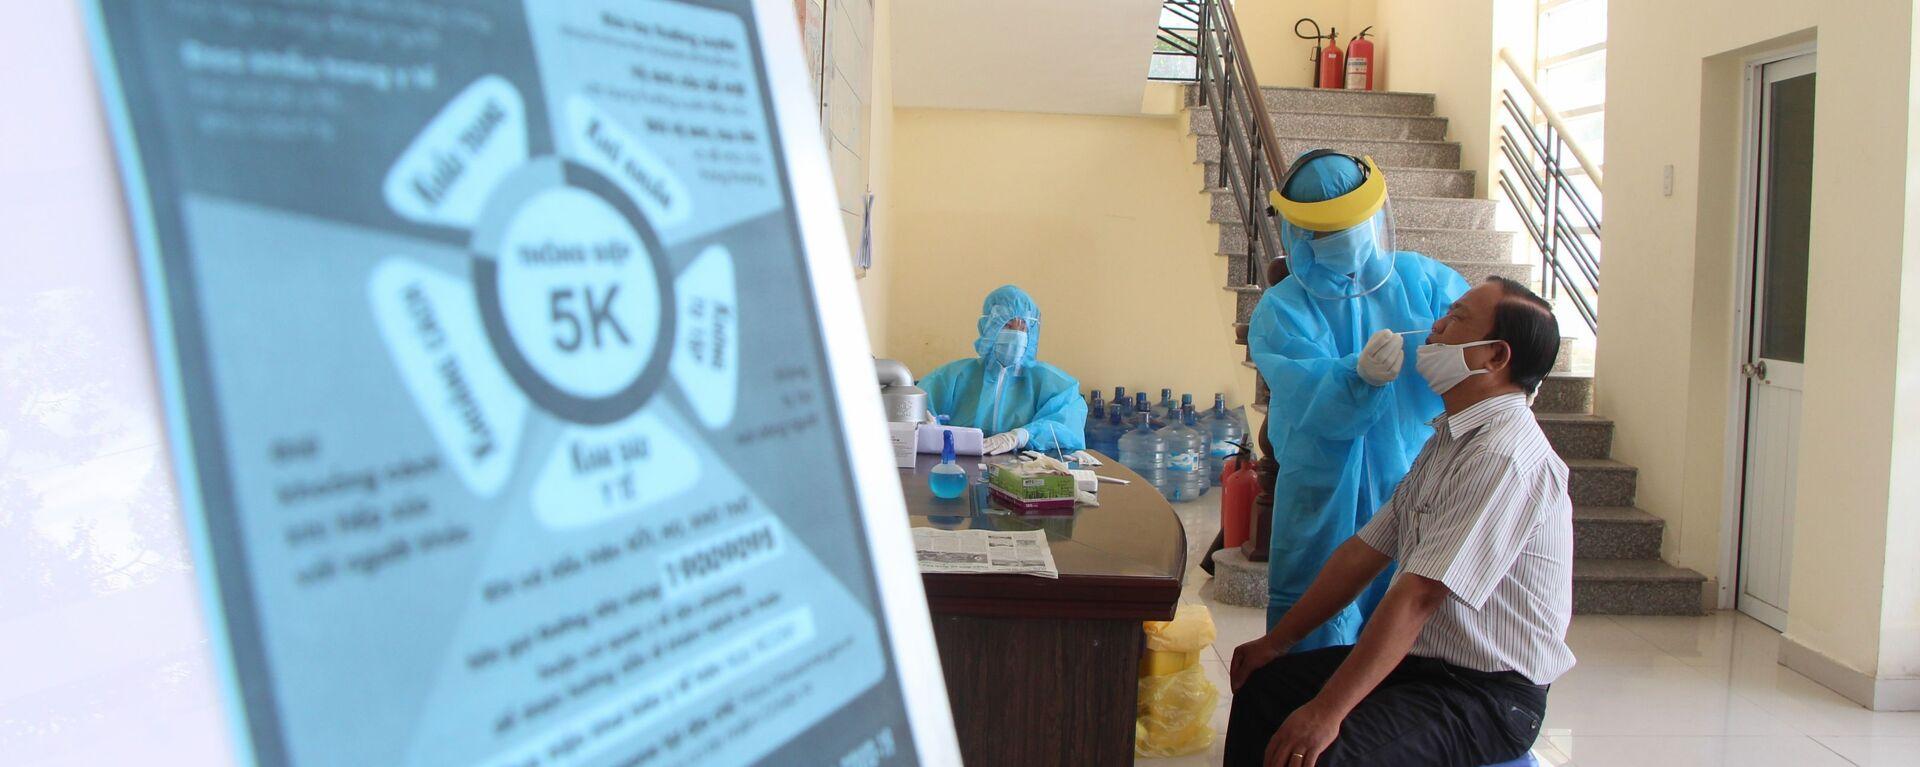 Cán bộ, viên chức các cơ quan trong tỉnh Hậu Giang thực hiện xét nghiệm trong lần xét nghiệm diện rộng đợt 3 - Sputnik Việt Nam, 1920, 06.09.2021